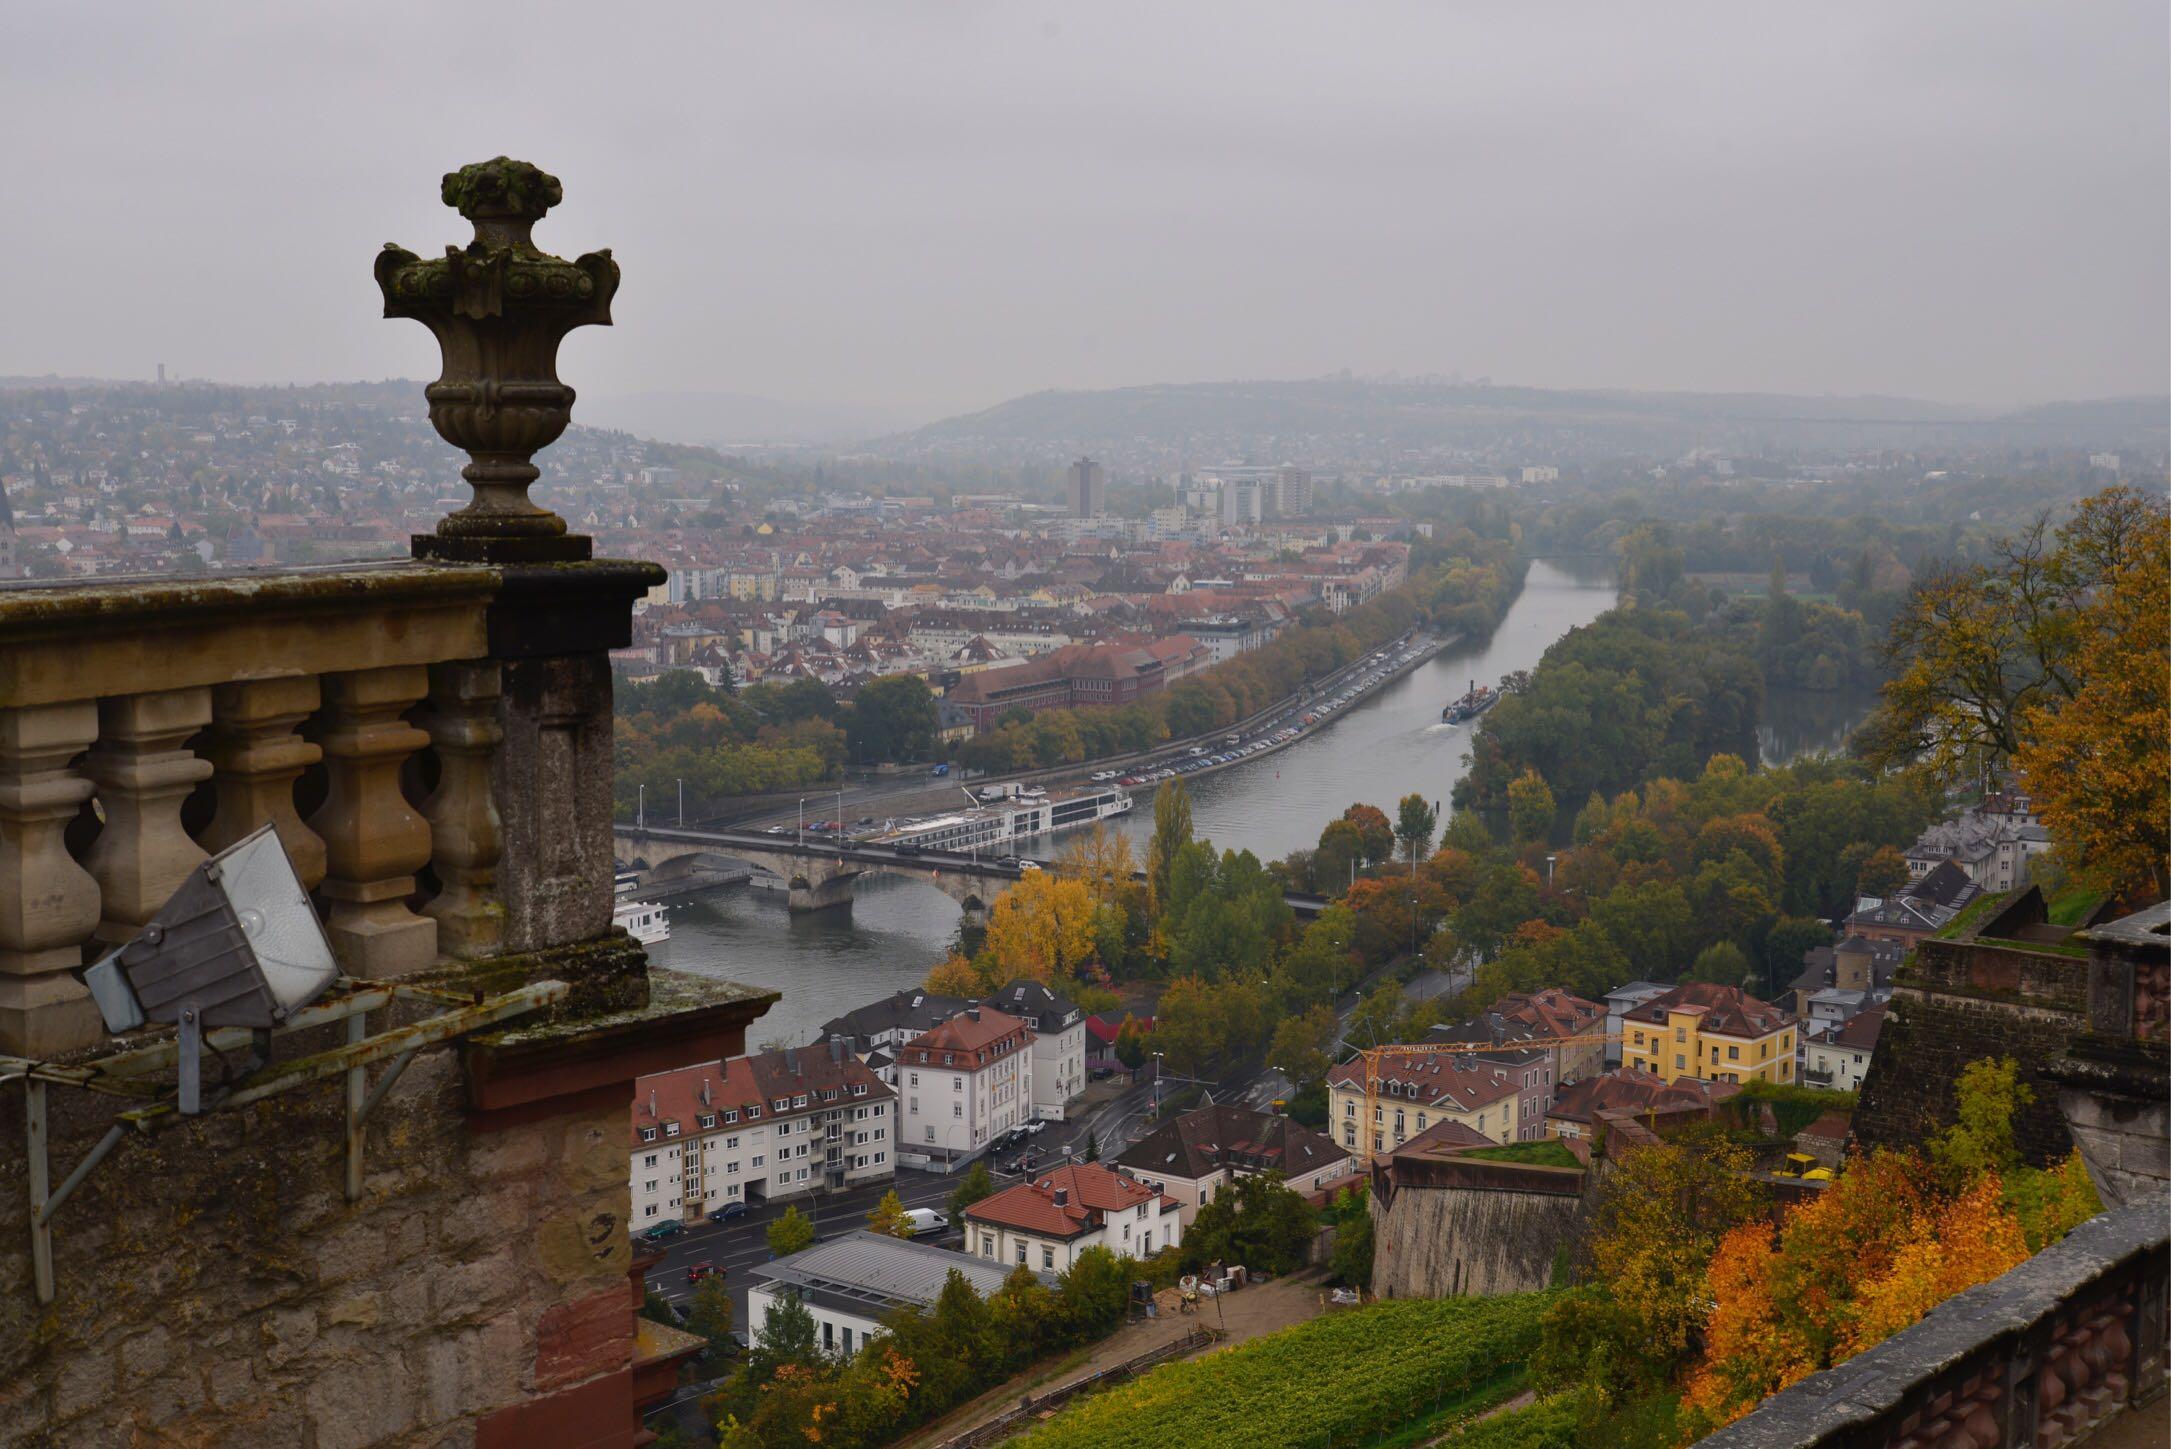 【海外】ビュルツブルクと言えばこれ:マリエンベルク要塞で町を一望